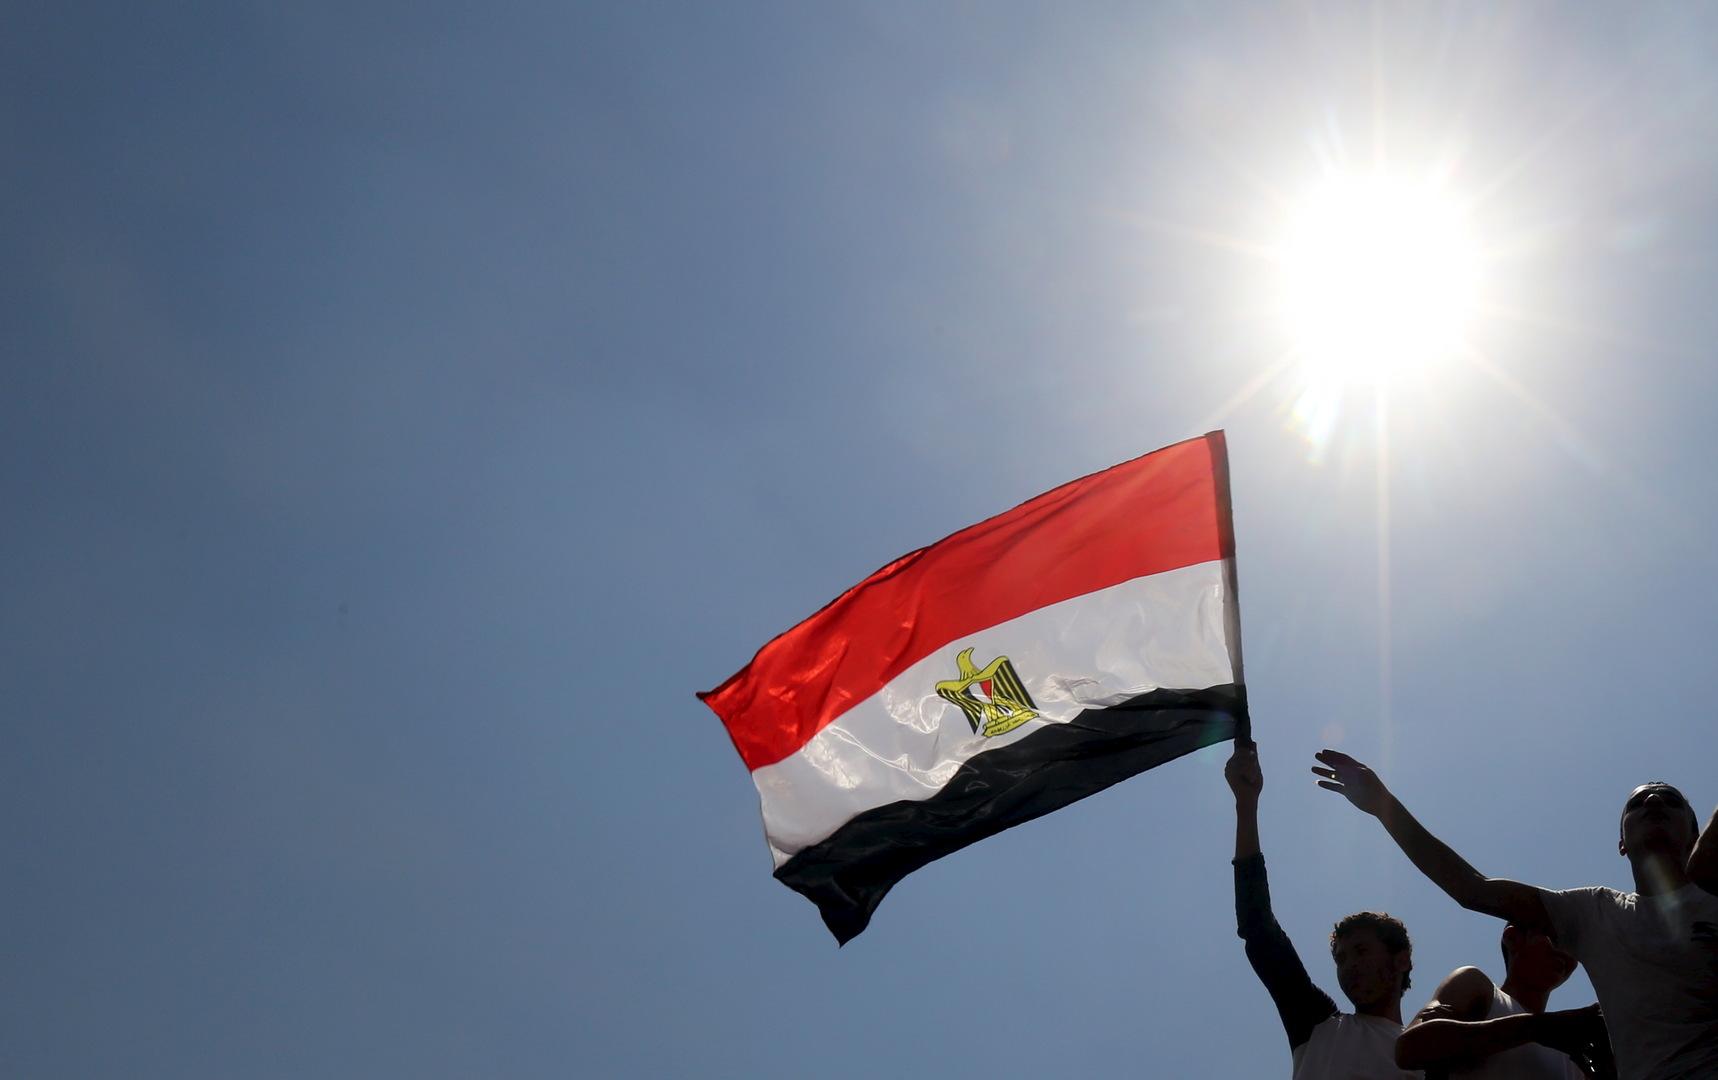 مصر.. وفاة زوجة مهندس صفقات الجيش المصري بعد 3 أشهر من رحيله